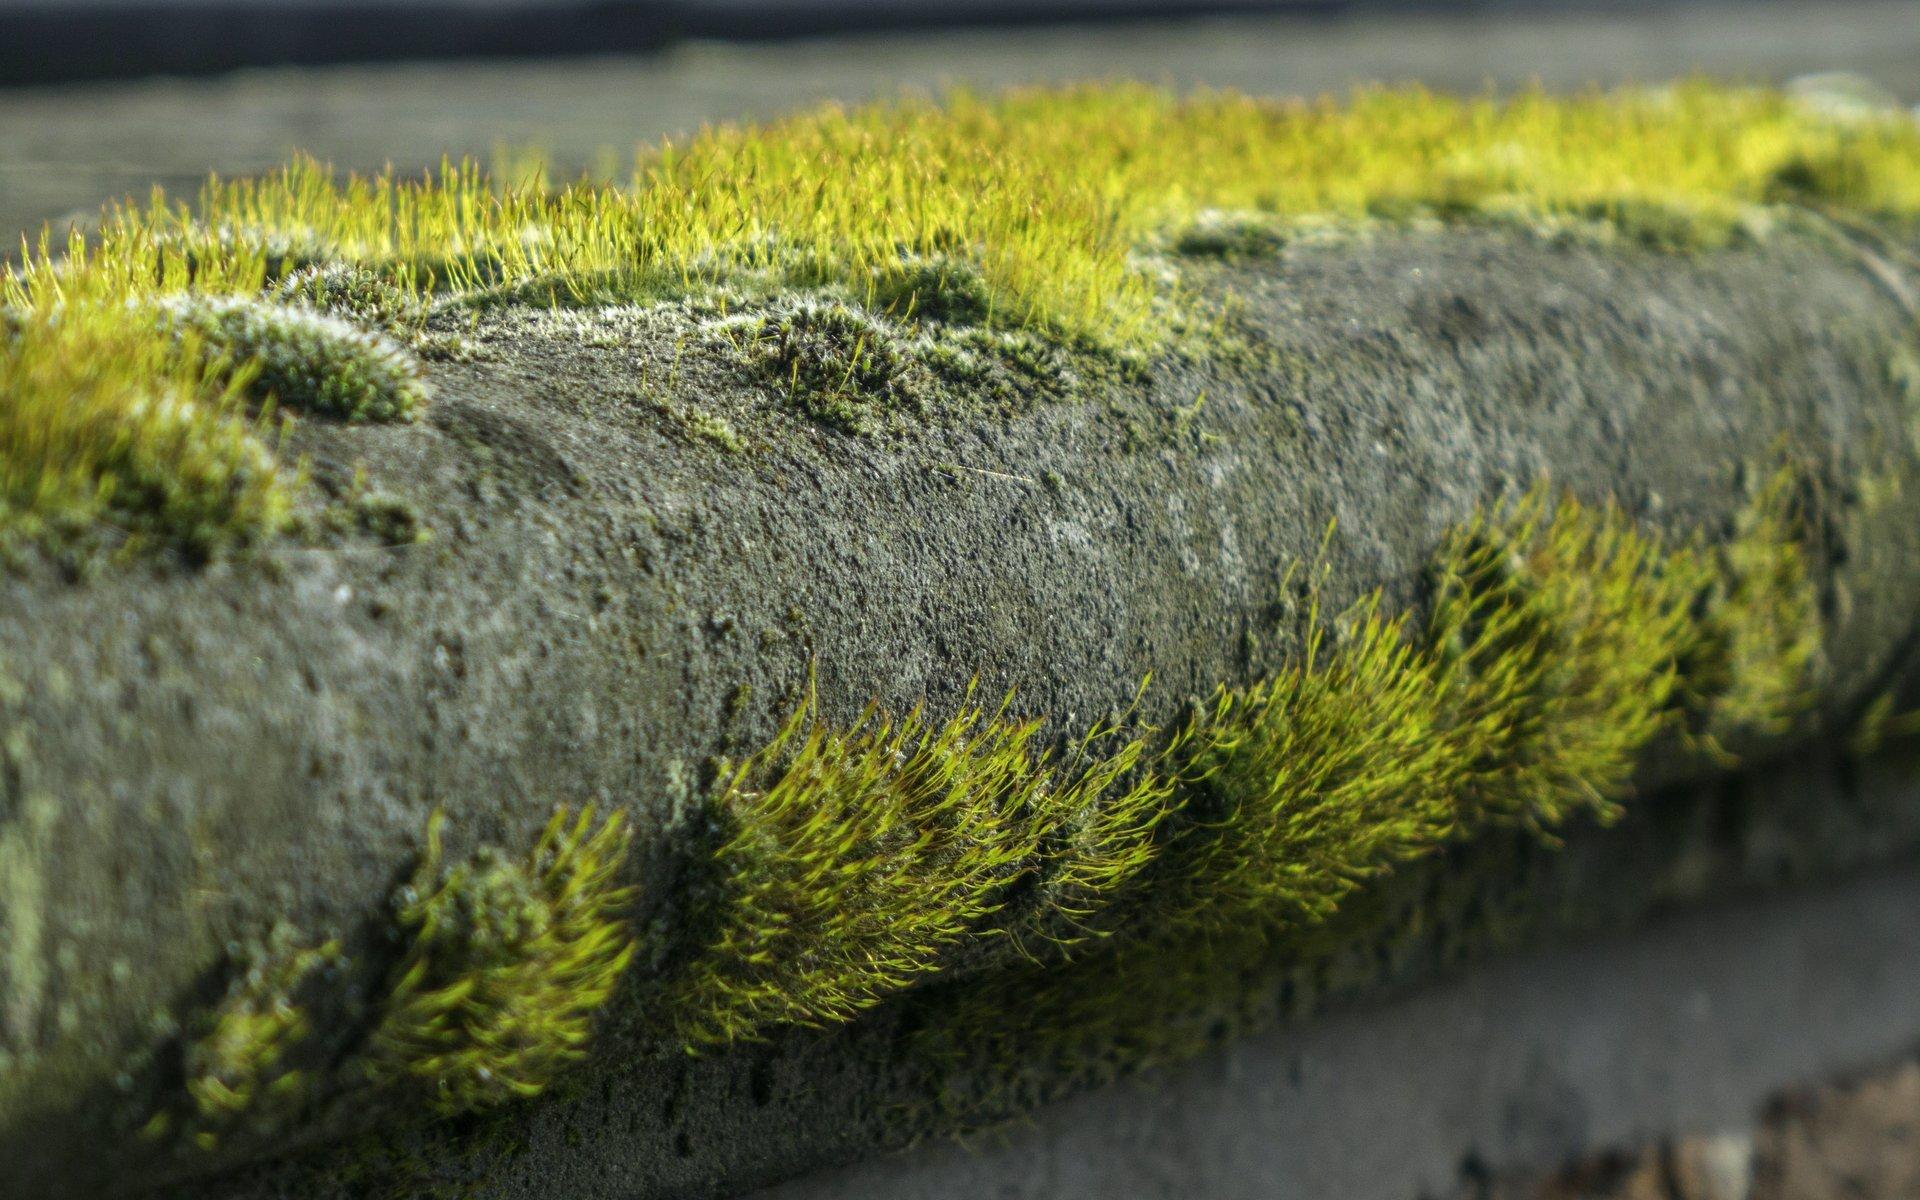 Moos auf der Aussichtsterrasse im Großen Garten